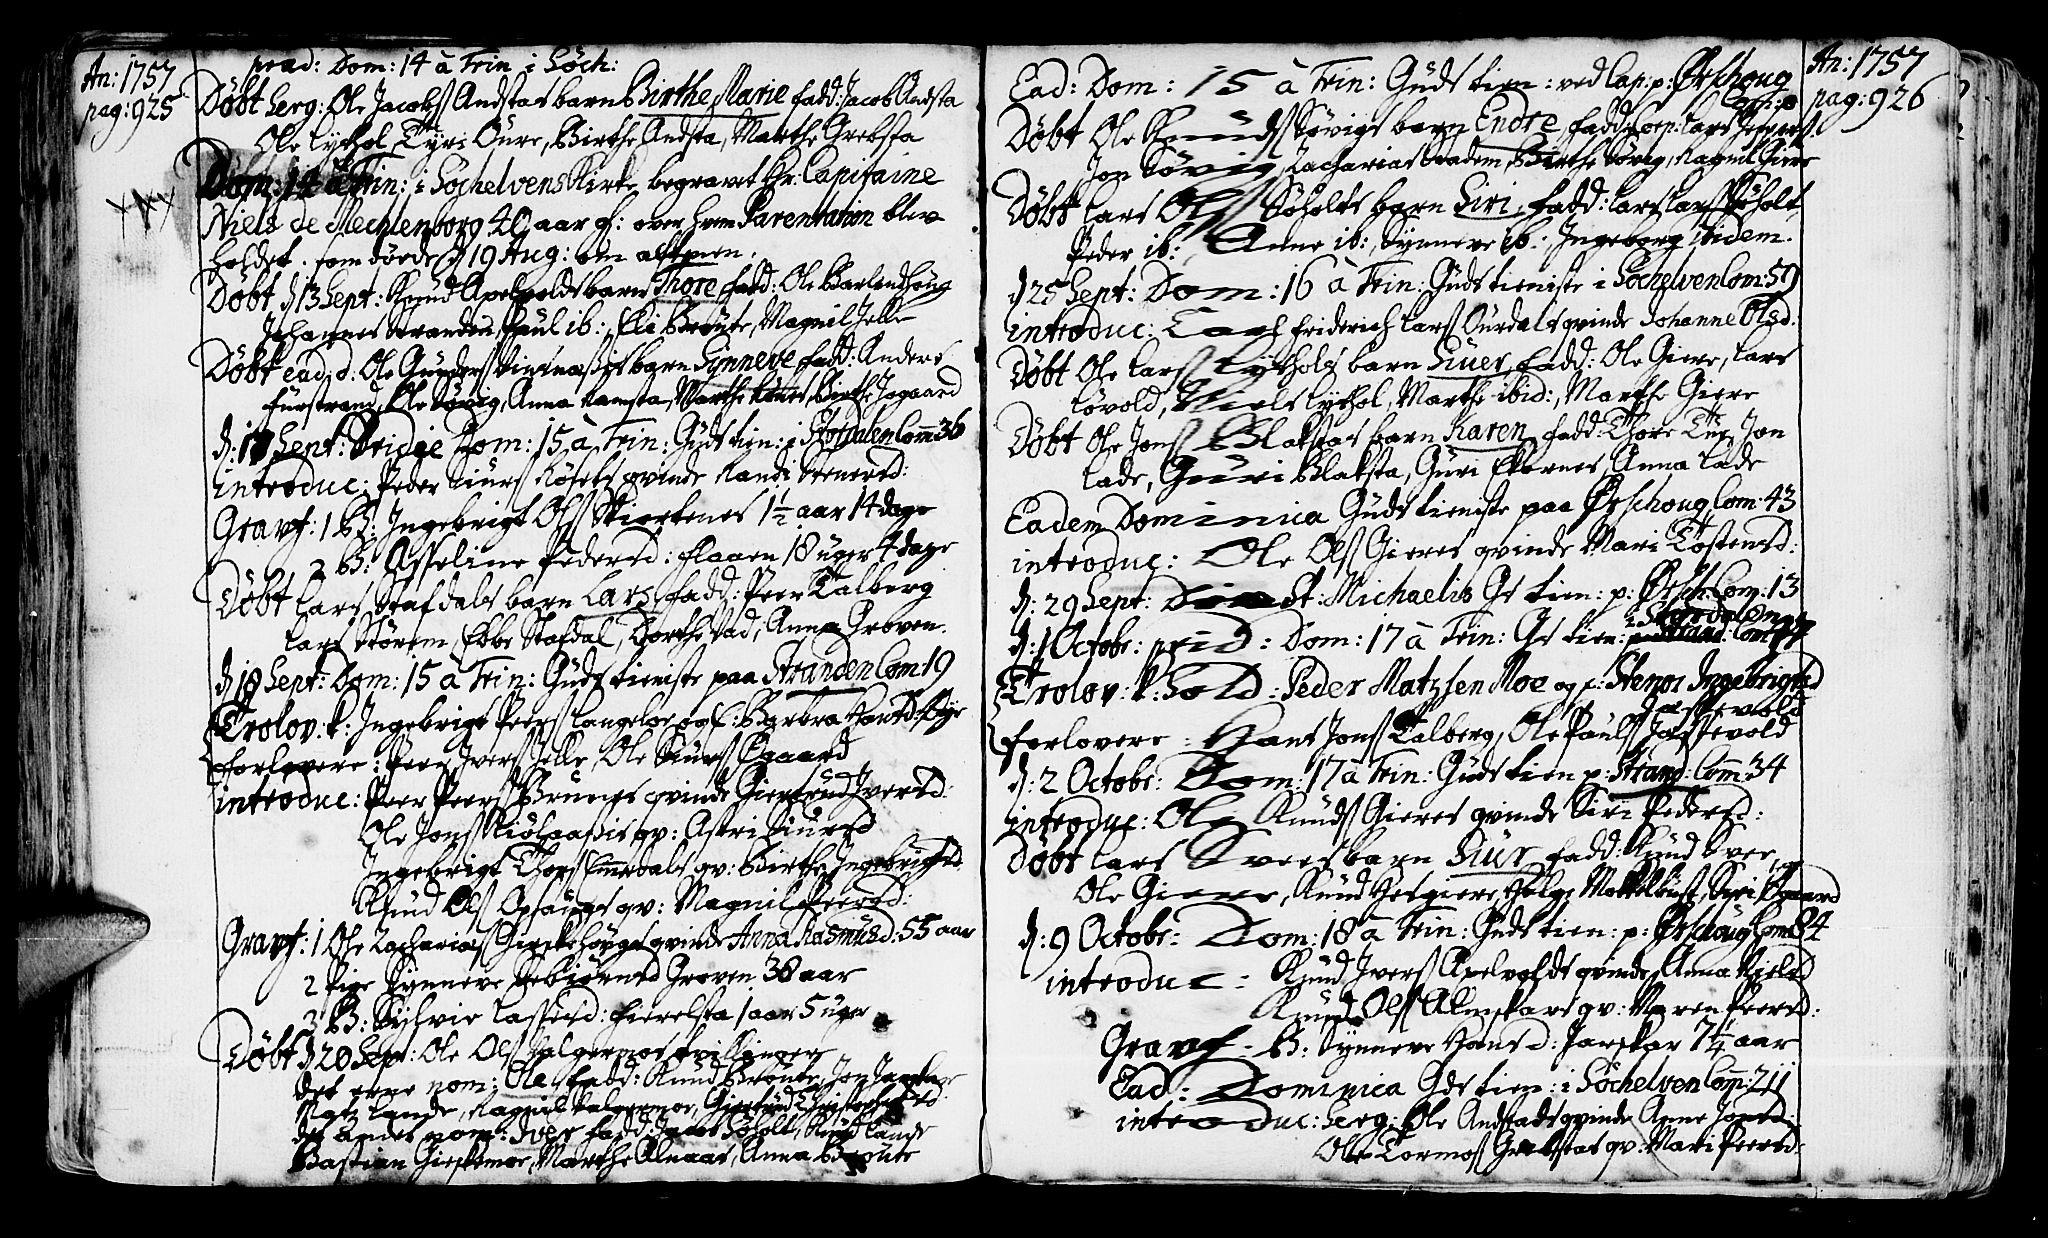 SAT, Ministerialprotokoller, klokkerbøker og fødselsregistre - Møre og Romsdal, 522/L0307: Ministerialbok nr. 522A02, 1743-1773, s. 925-926